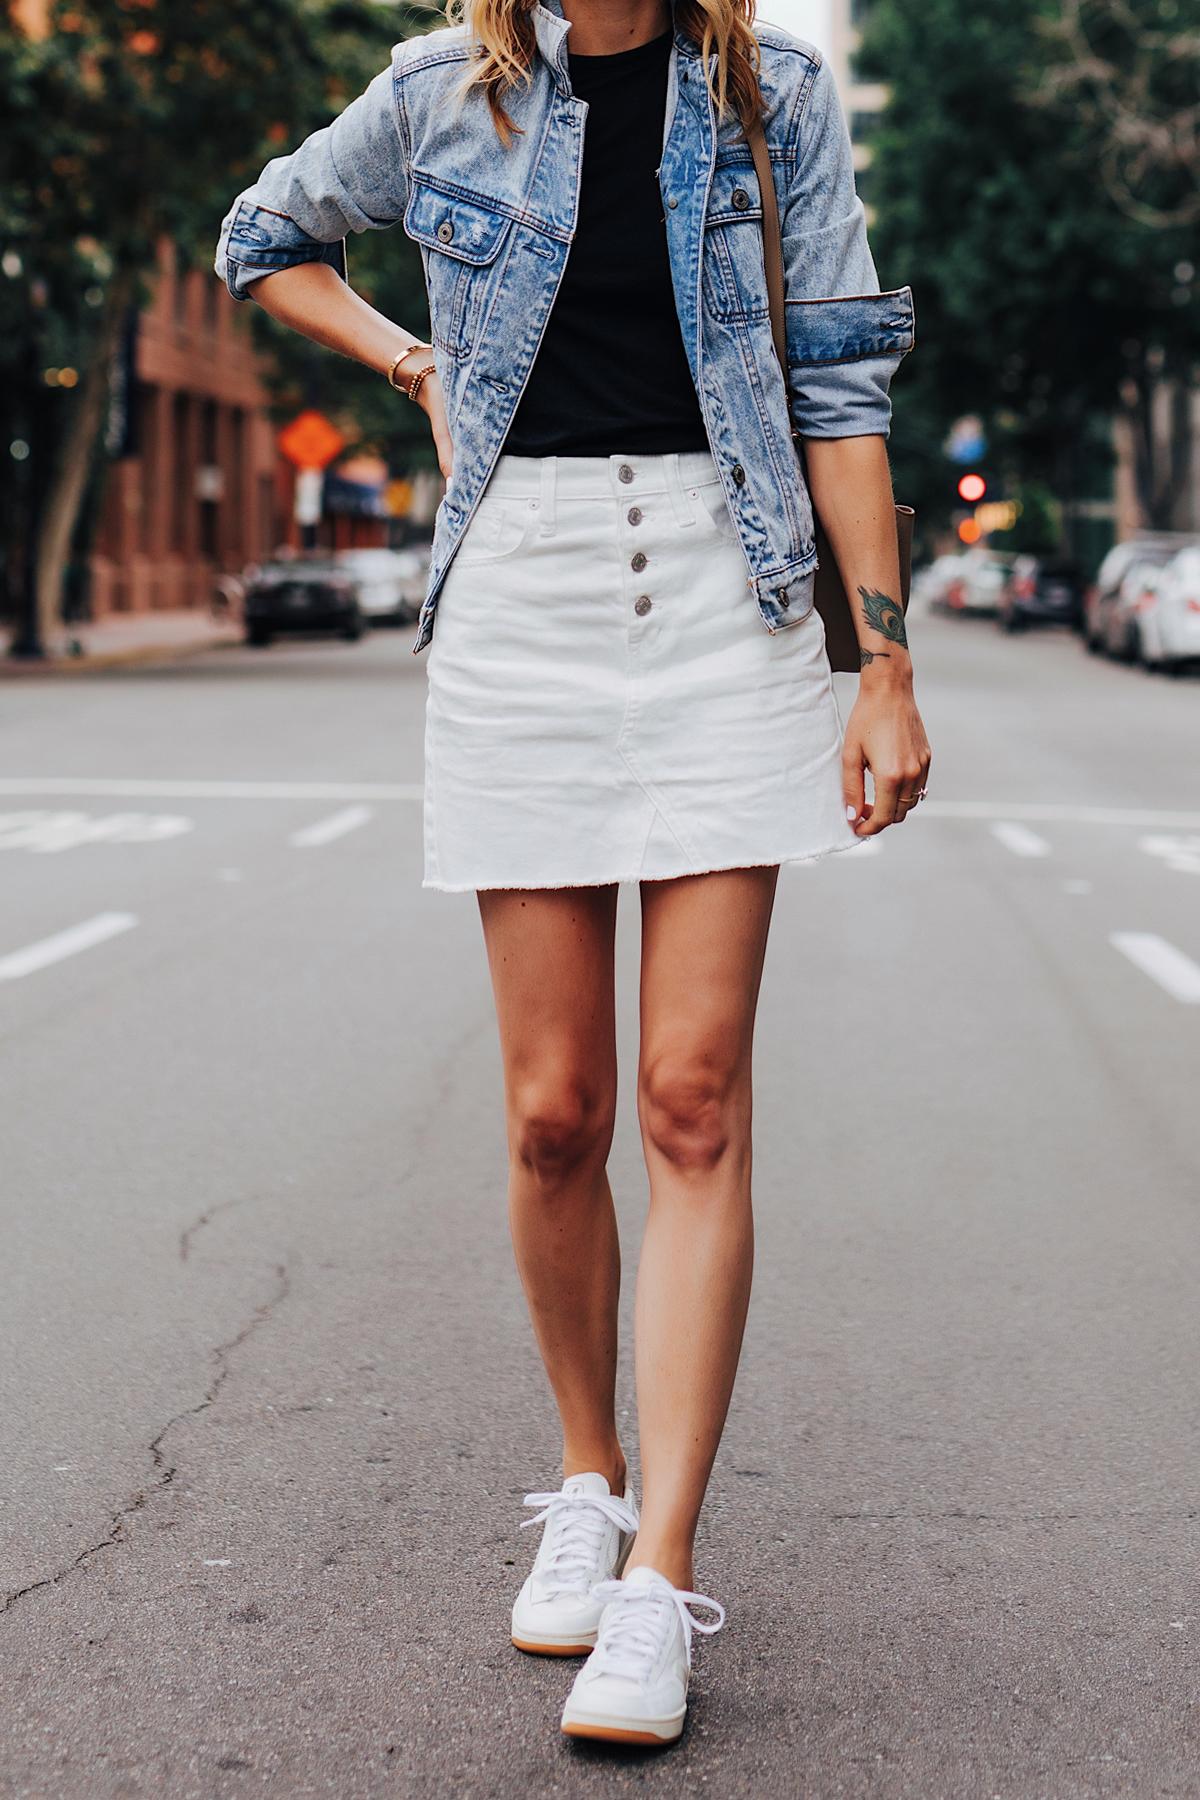 Fashion Jackson Wearing Oversized Denim Jacket Black T-Shirt White Denim Skirt Veja V-12 White Sneakers